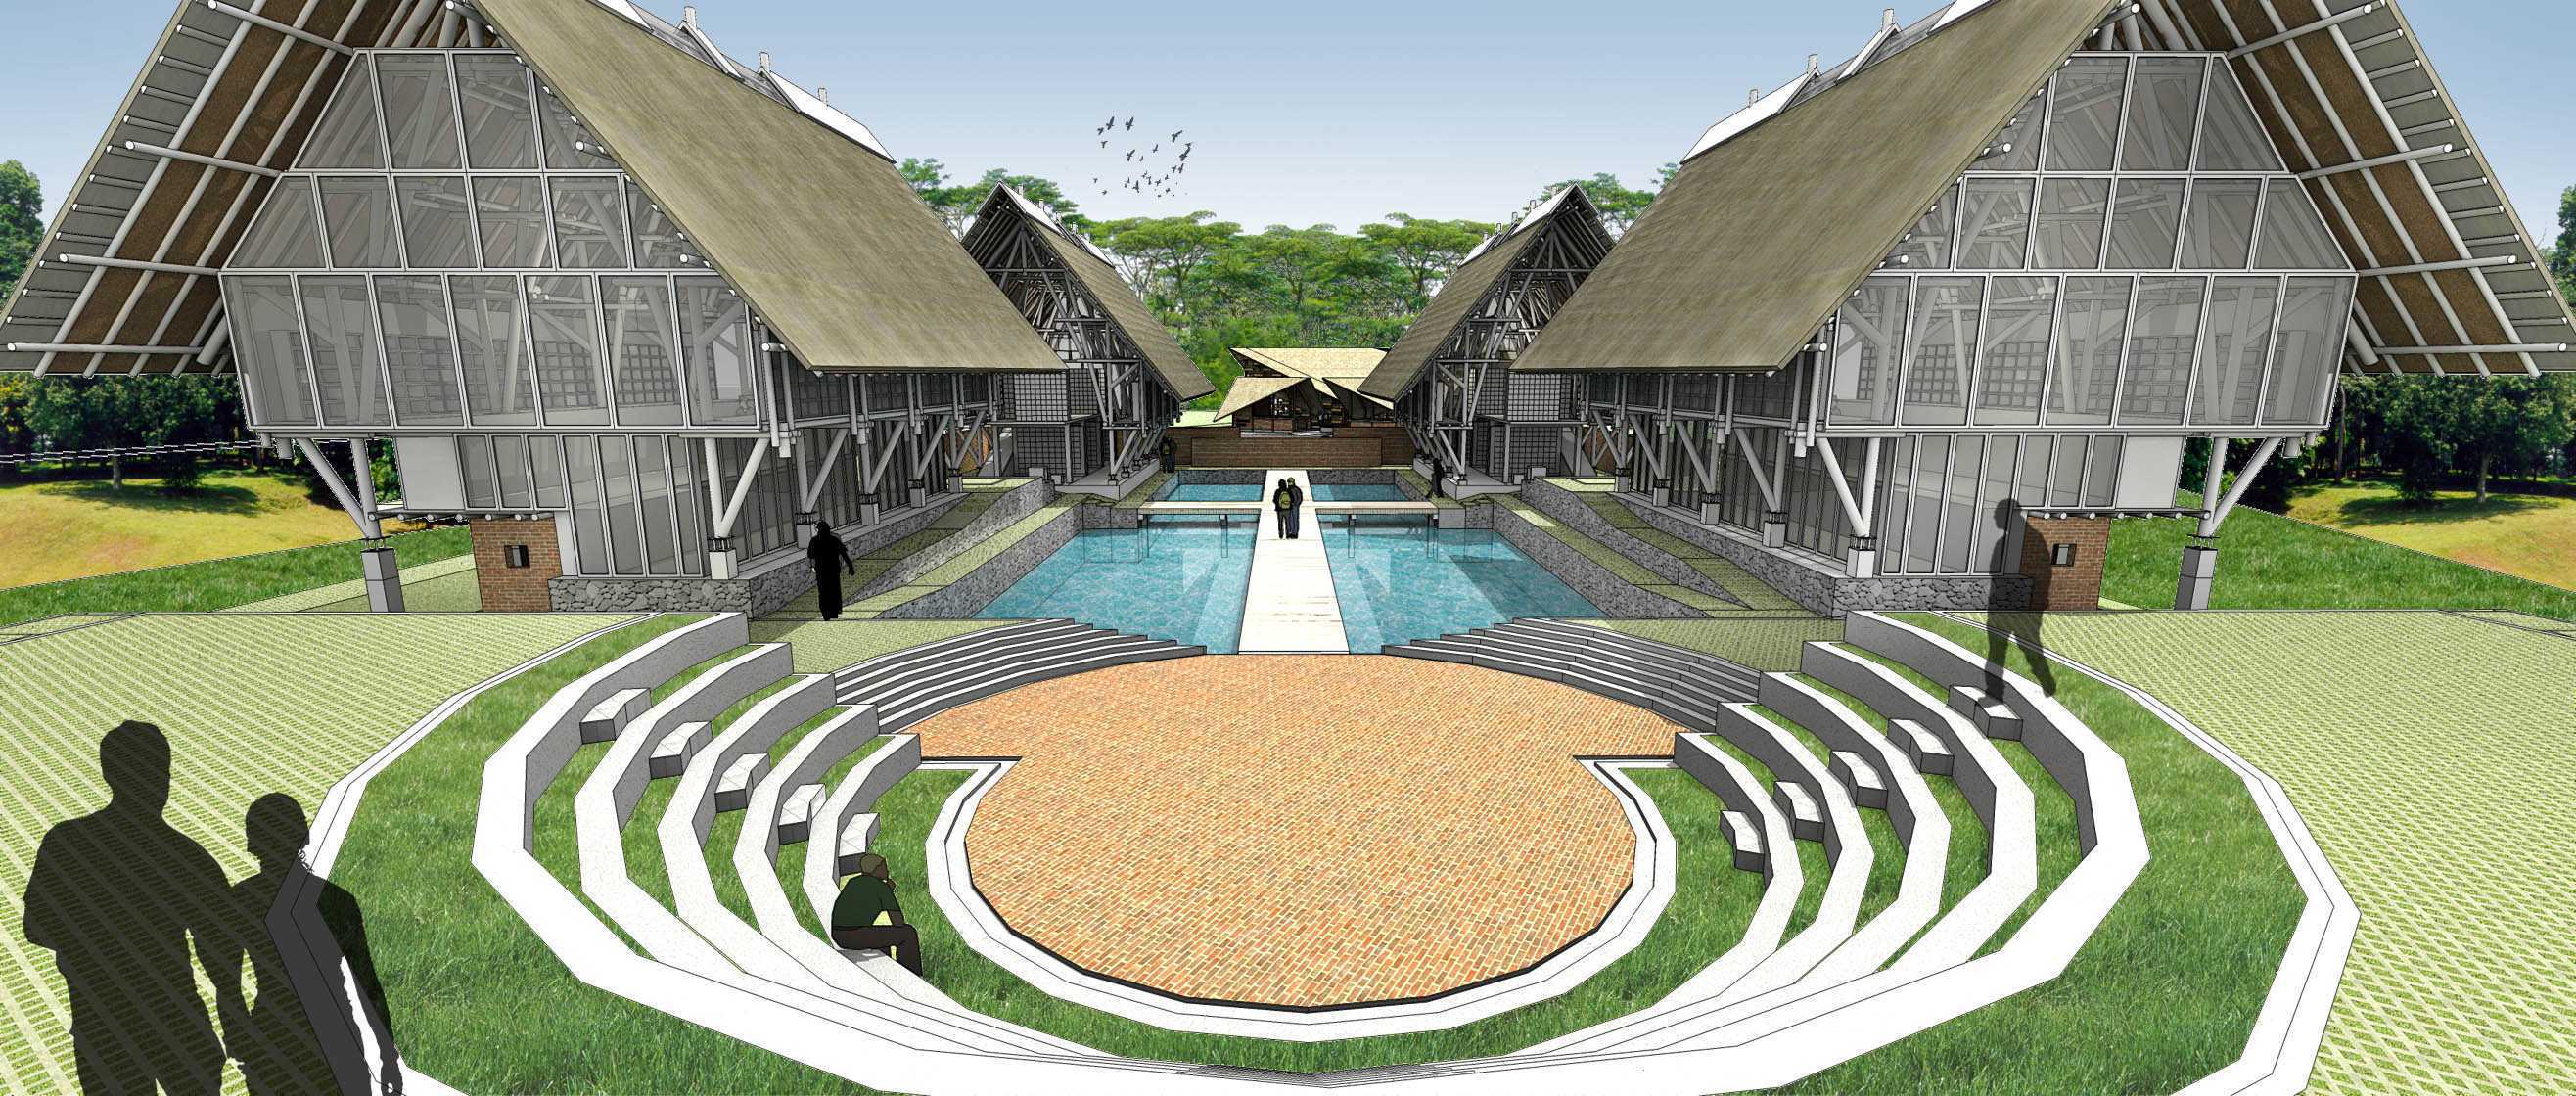 Akbar Hantar Sanggar Lingkungan Hidup Indonesia - Cirebon Kreyo, Cirebon - West Java Kreyo, Cirebon - West Java Amphitheater   24778